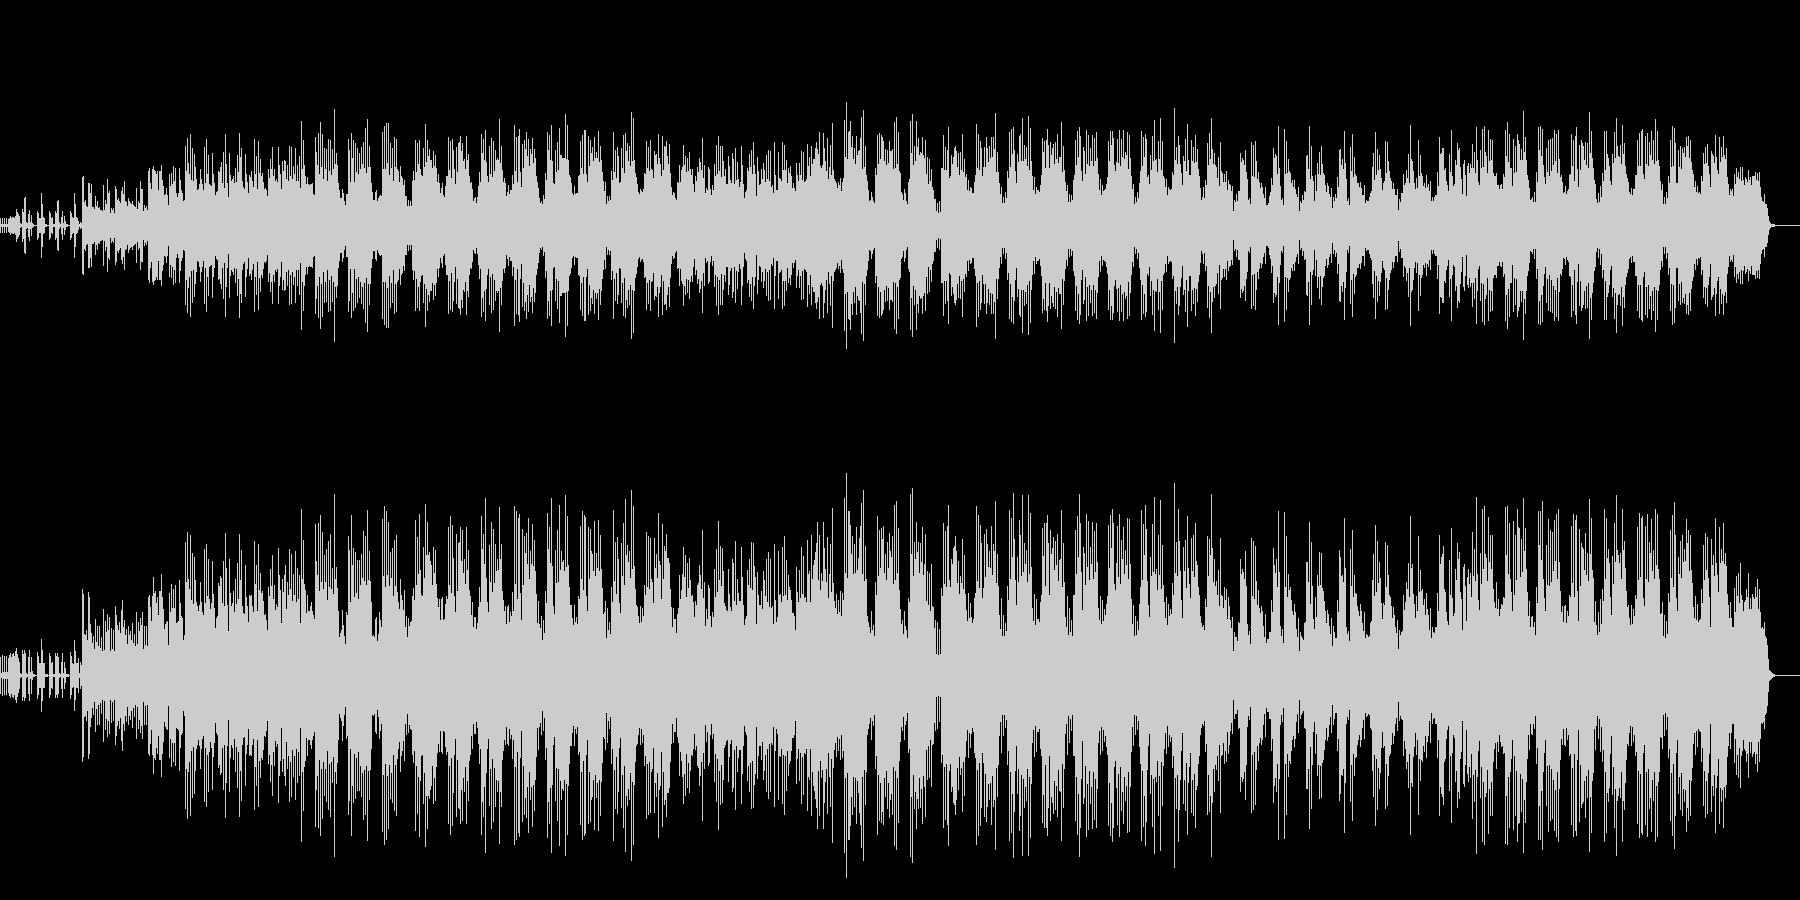 アンダーグラウンドなBGMの未再生の波形